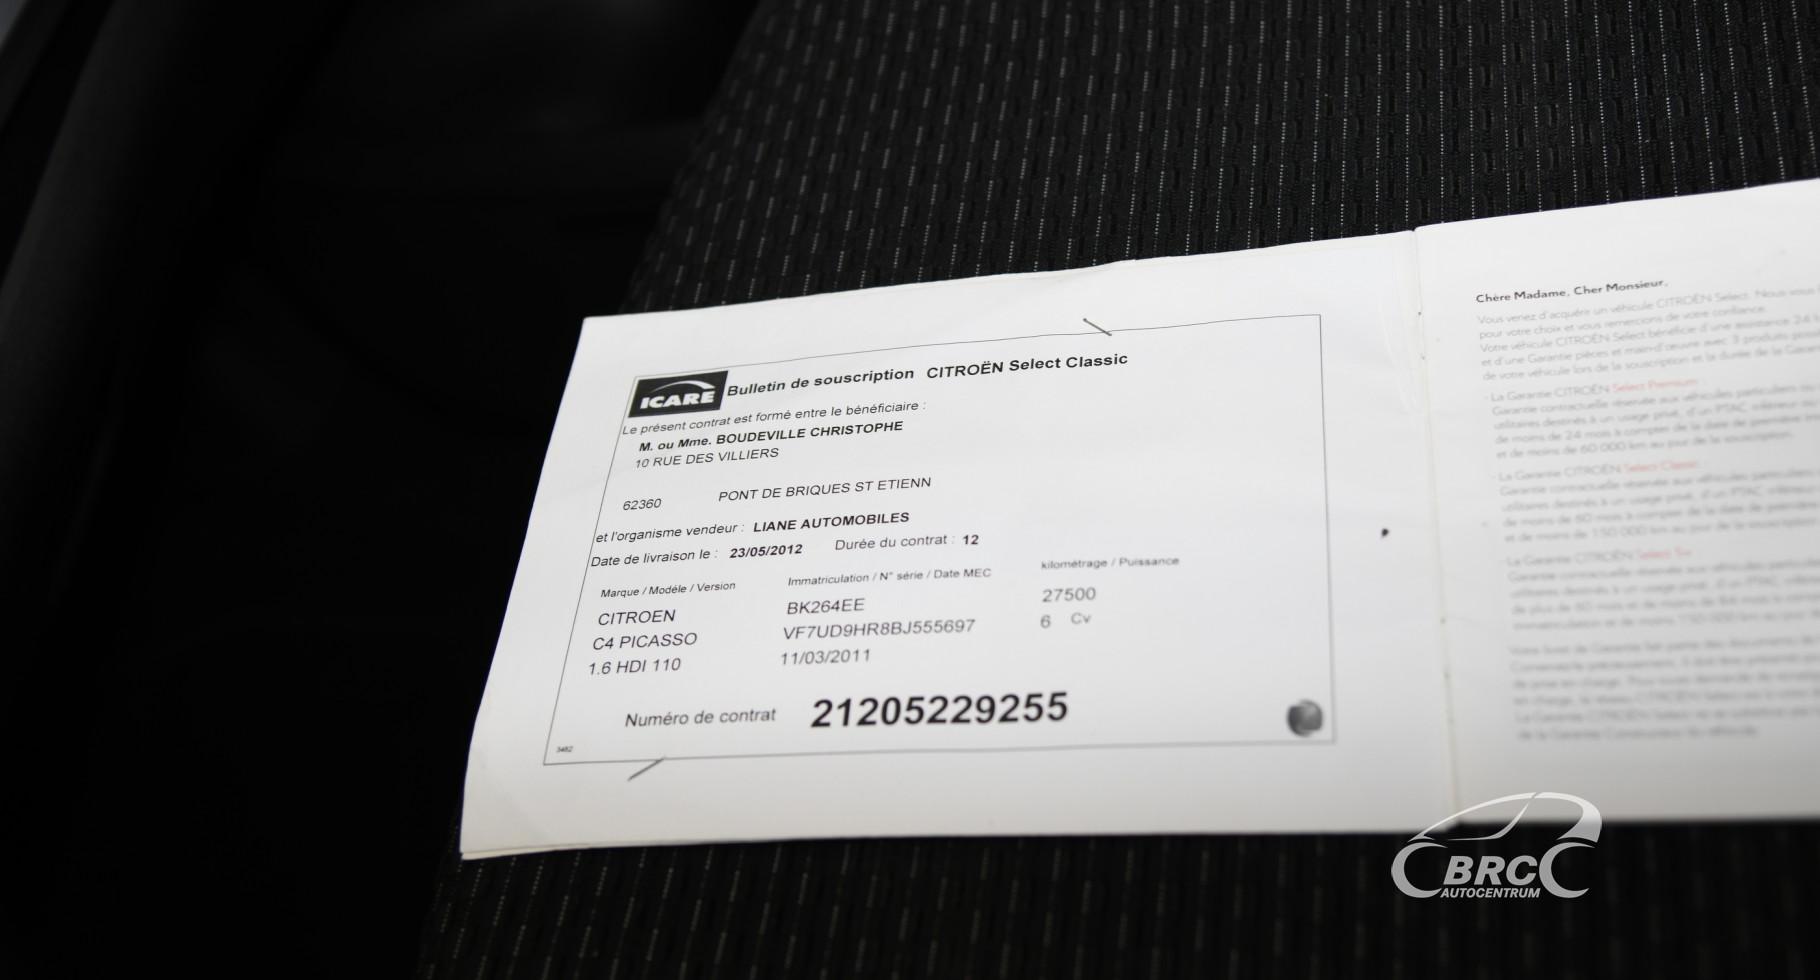 Citroen C4 Picasso 1.6 HDi Classic